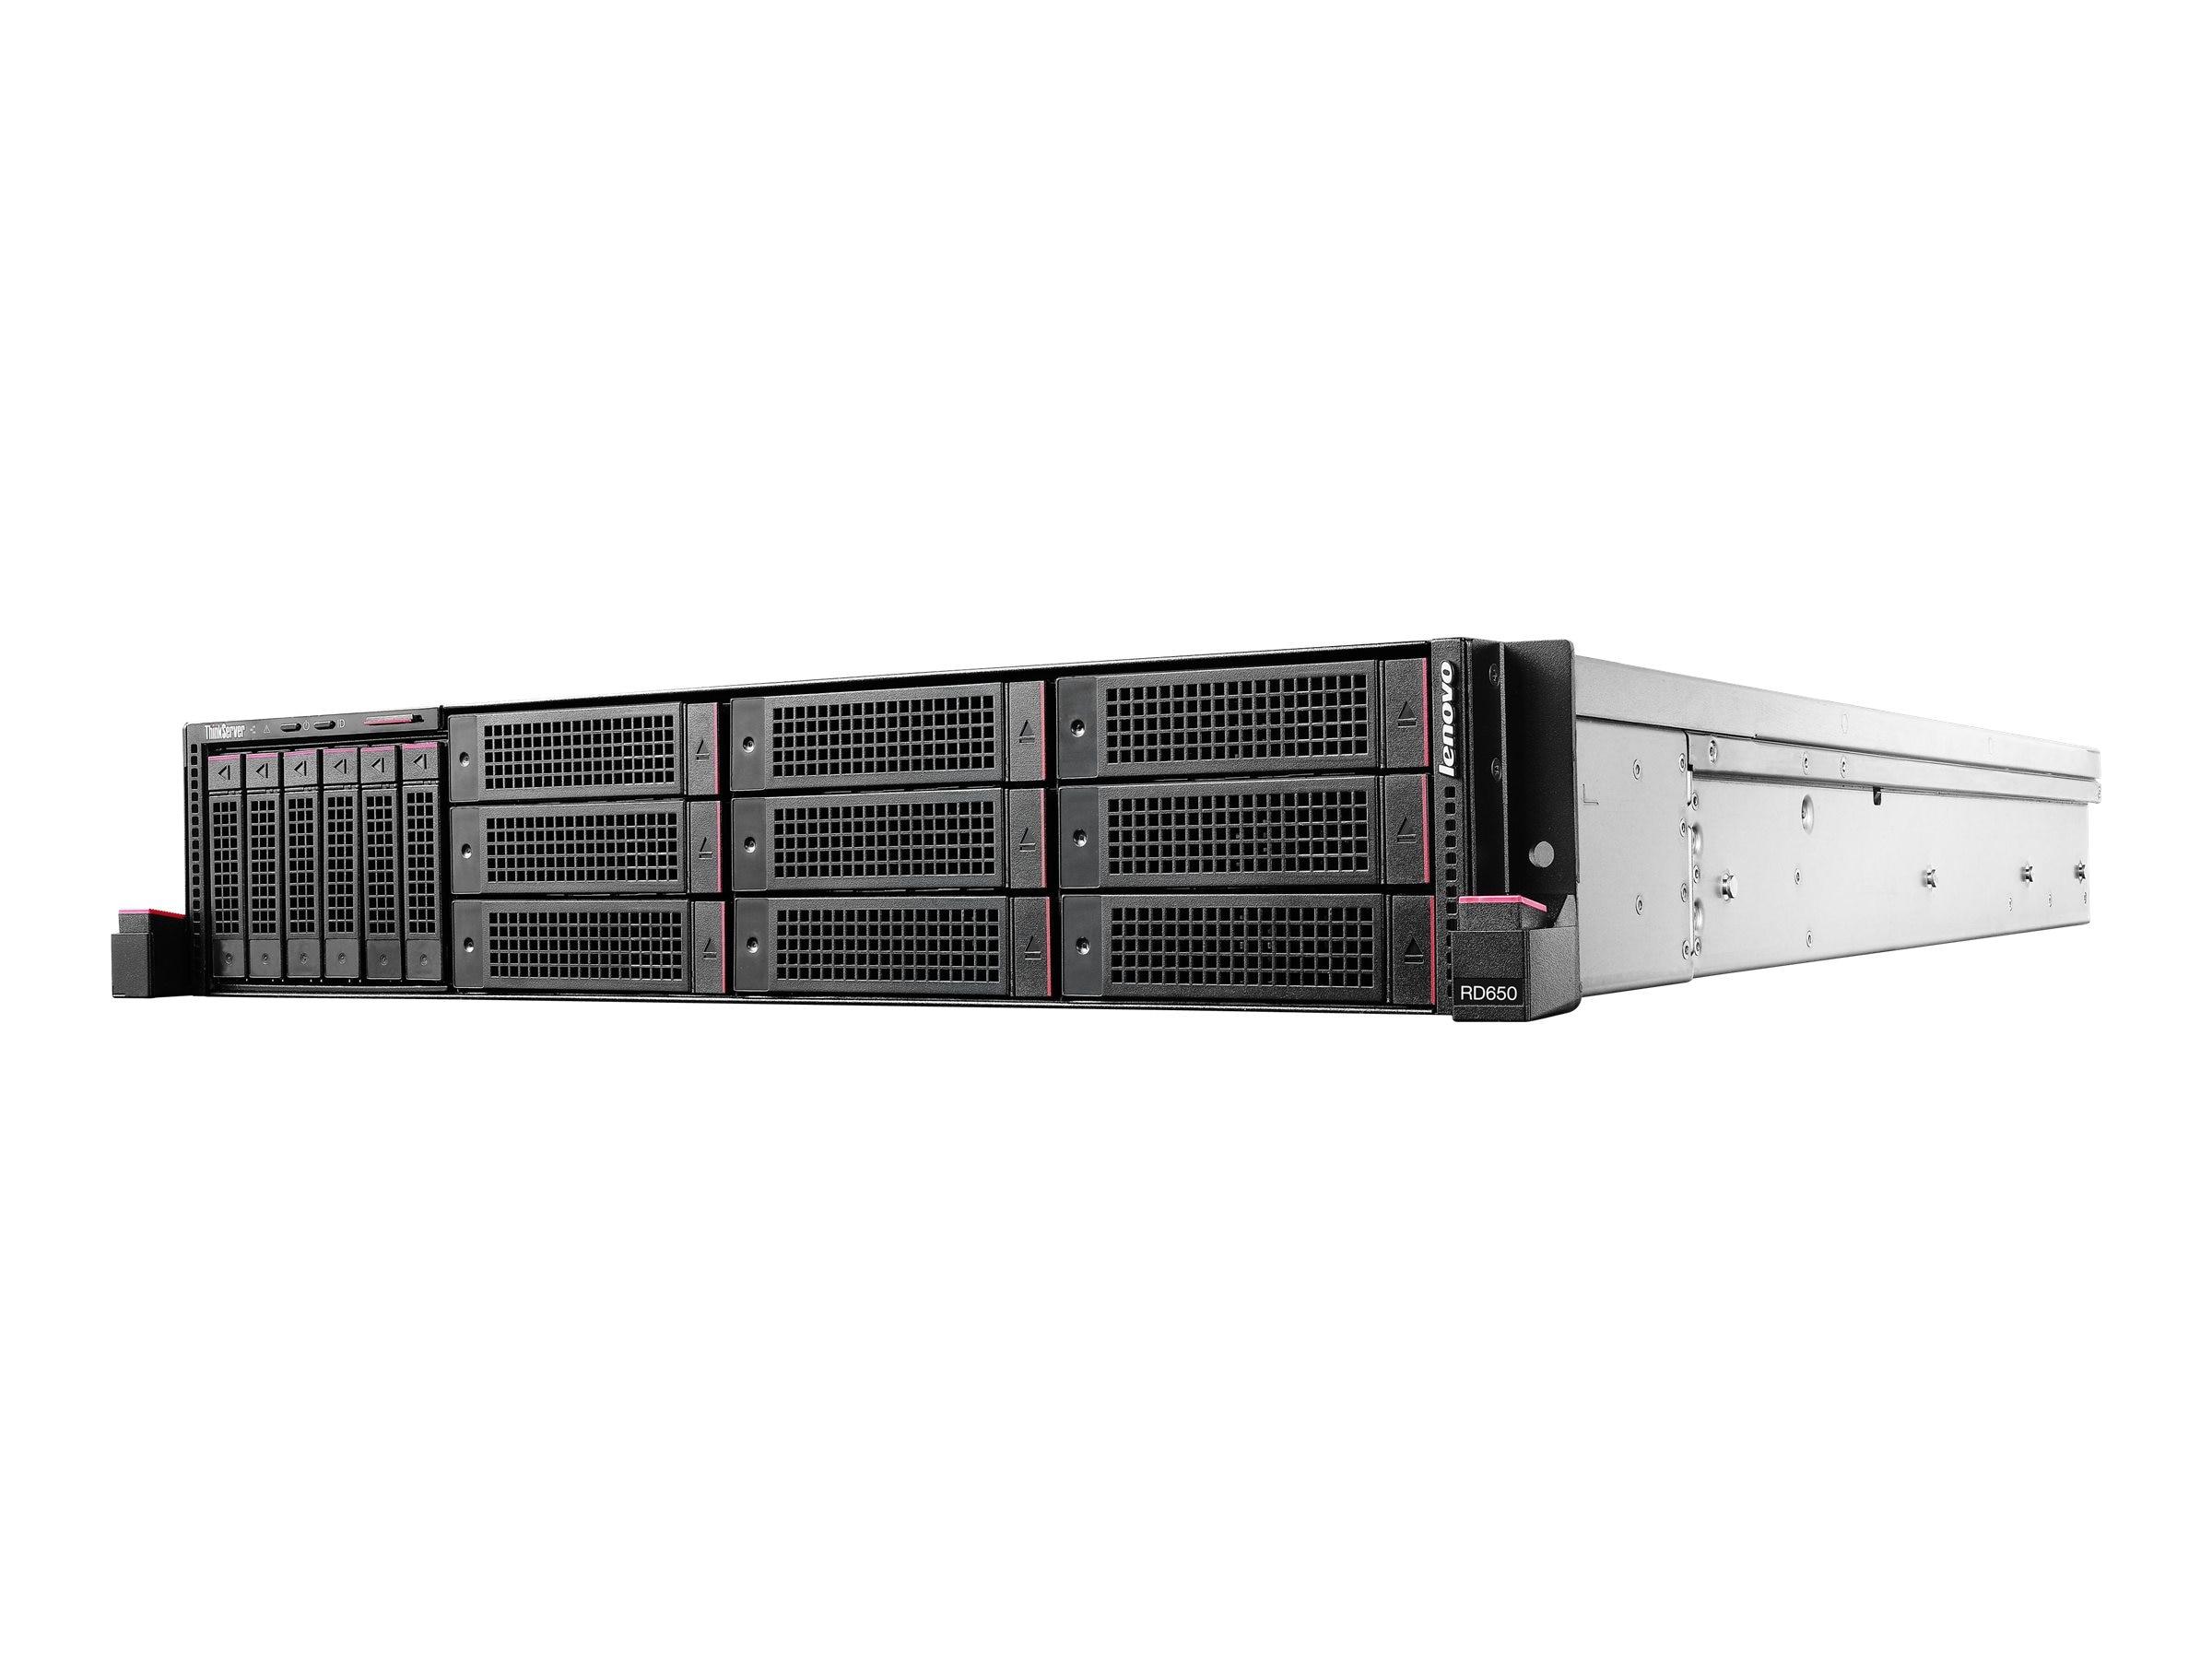 Lenovo TopSeller ThinkServer RD650 Intel 2.4GHz Xeon